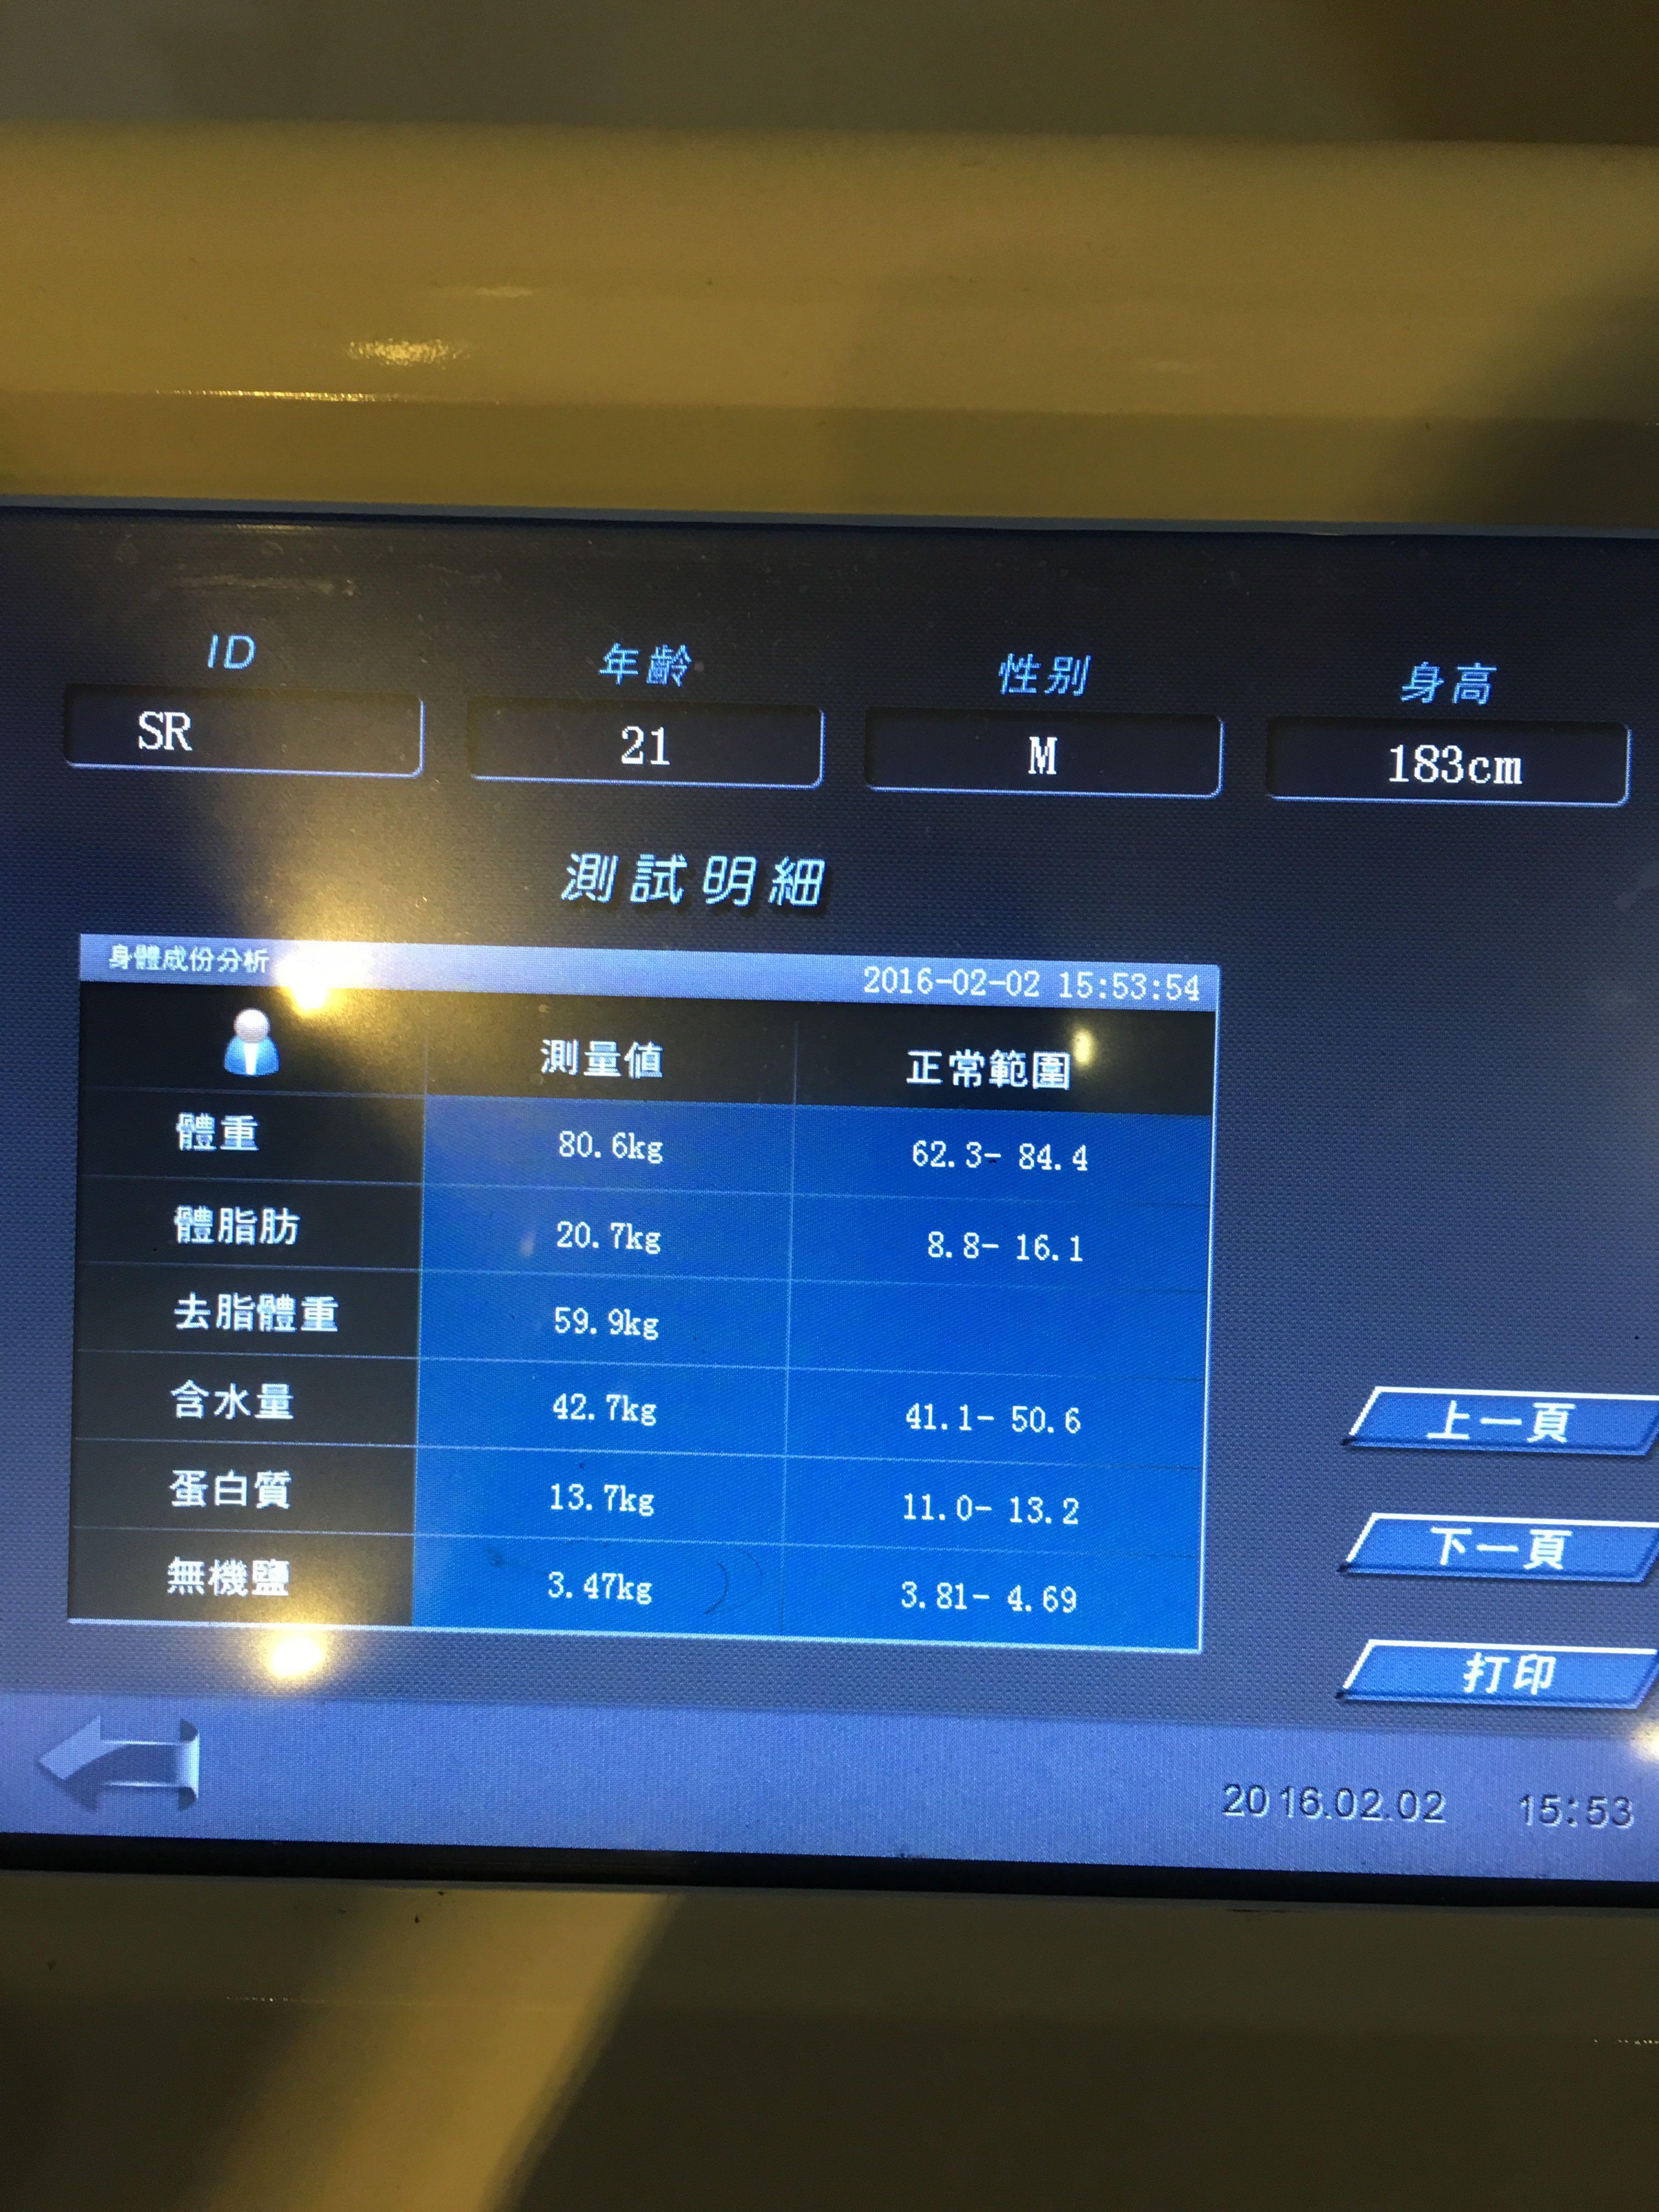 健身减脂 体测显示需要减脂7.4kg 教练给了我计